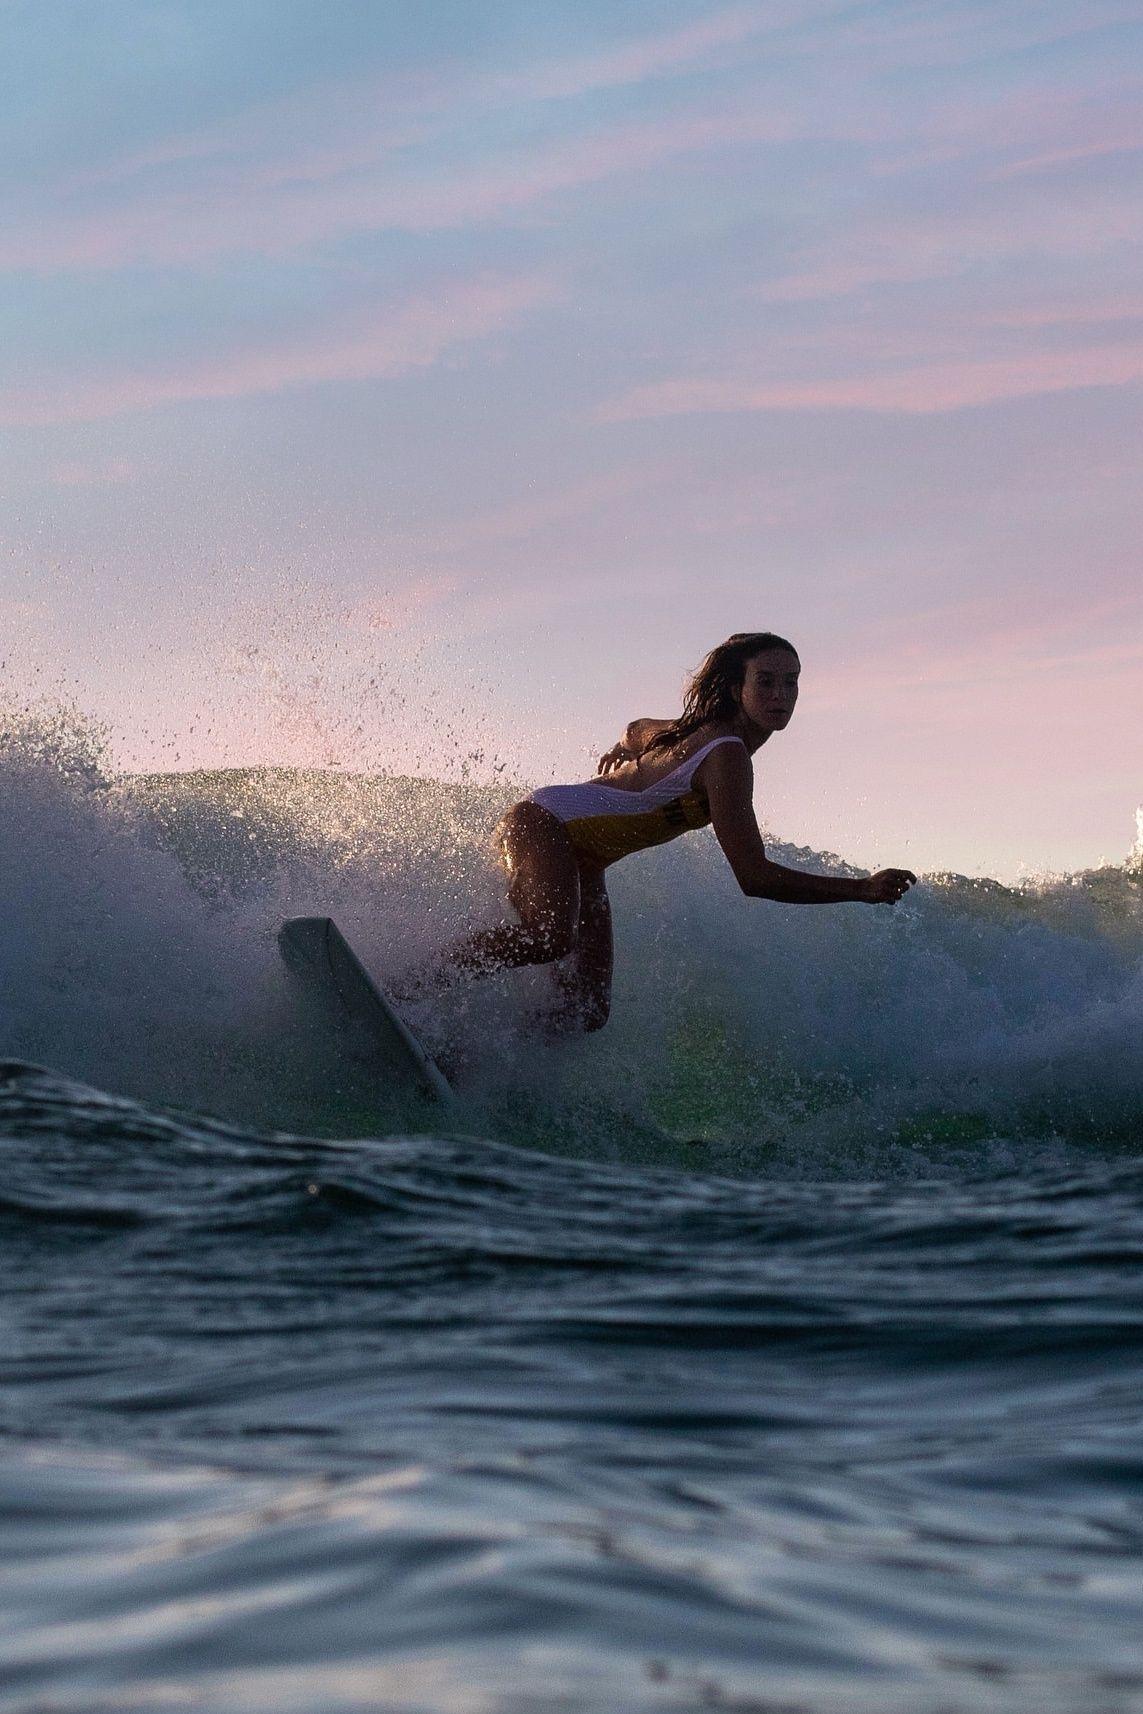 Surfer Girl By Herminebonvallet The Man Surfer Girl Ocean